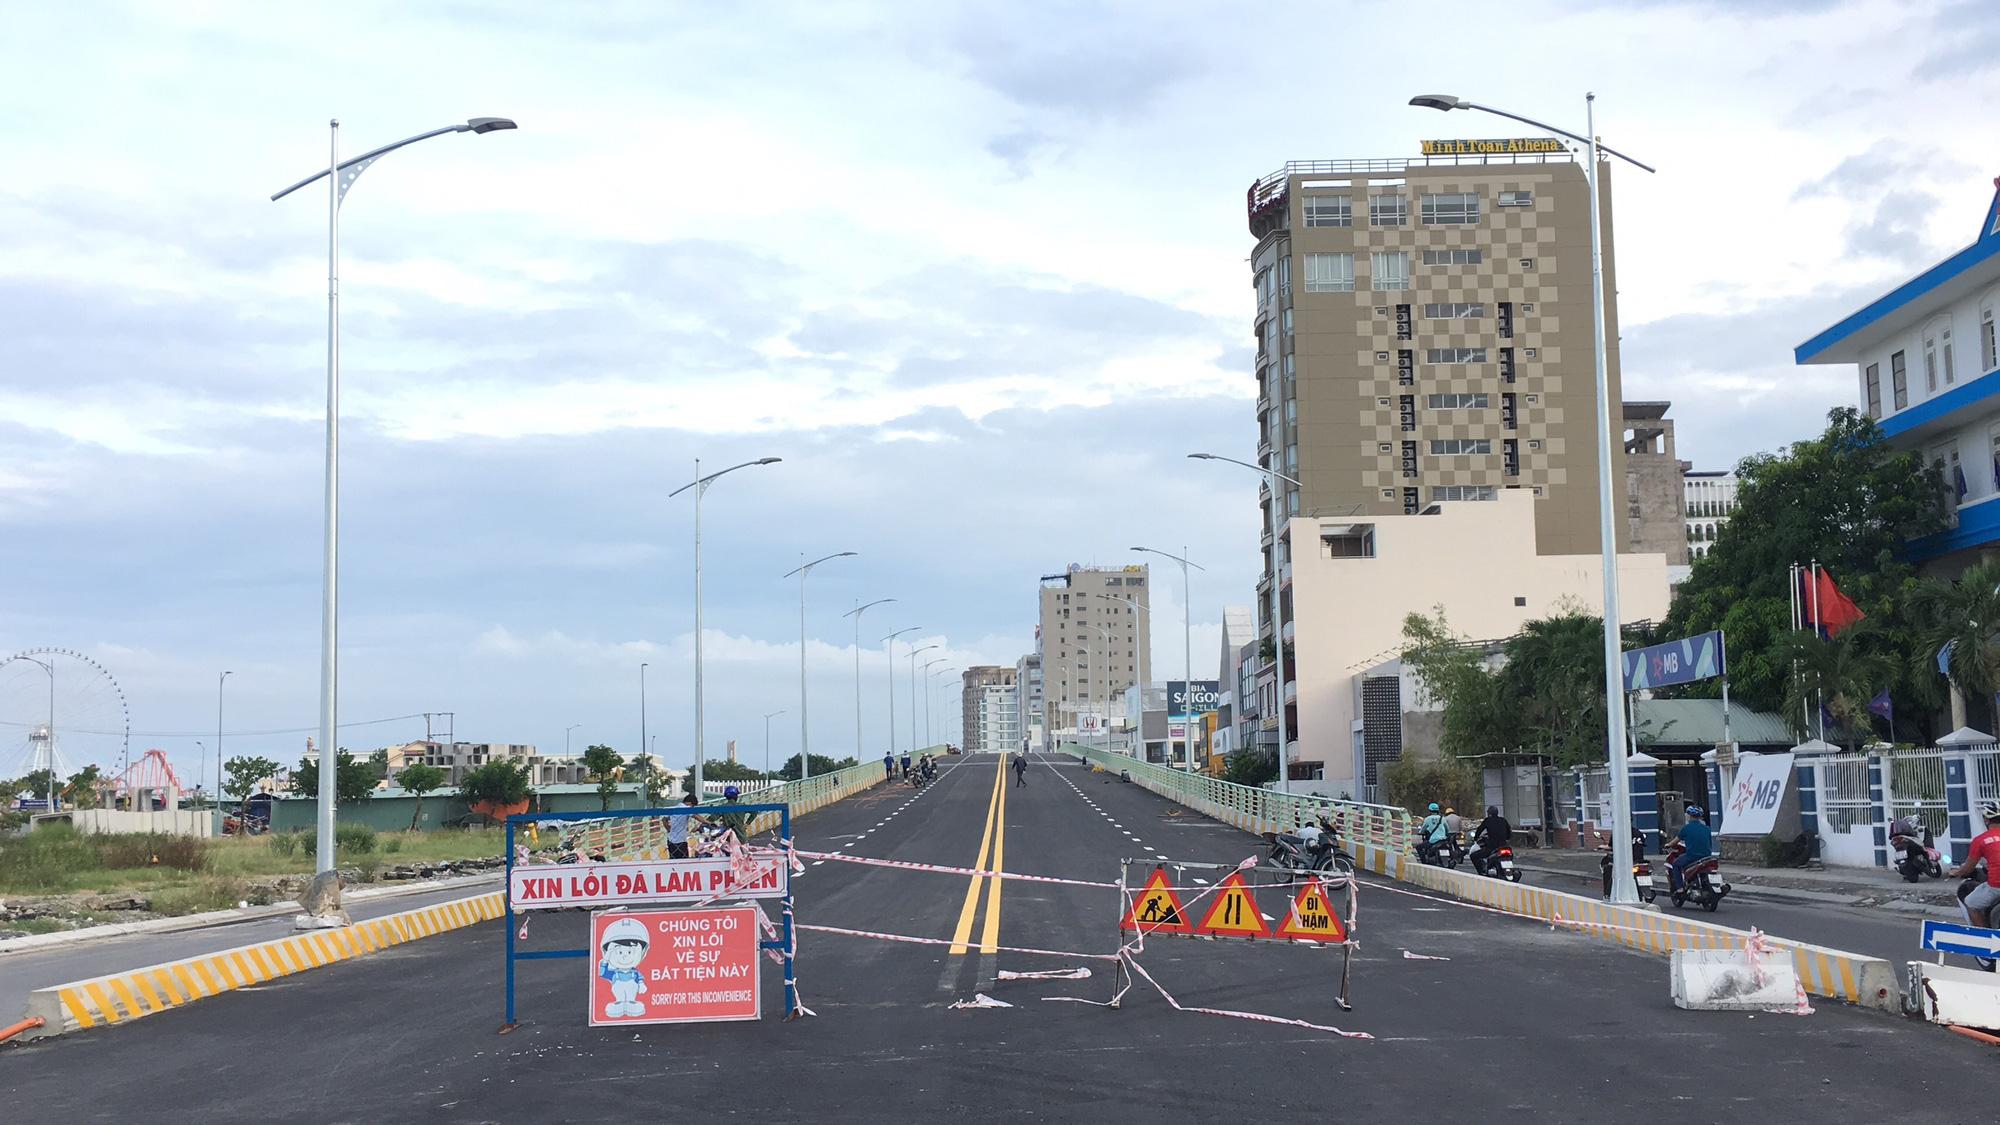 Cầu vượt đường 2 tháng 9 Đà Nẵng thành hình sau 15 tháng thi công - Ảnh 2.